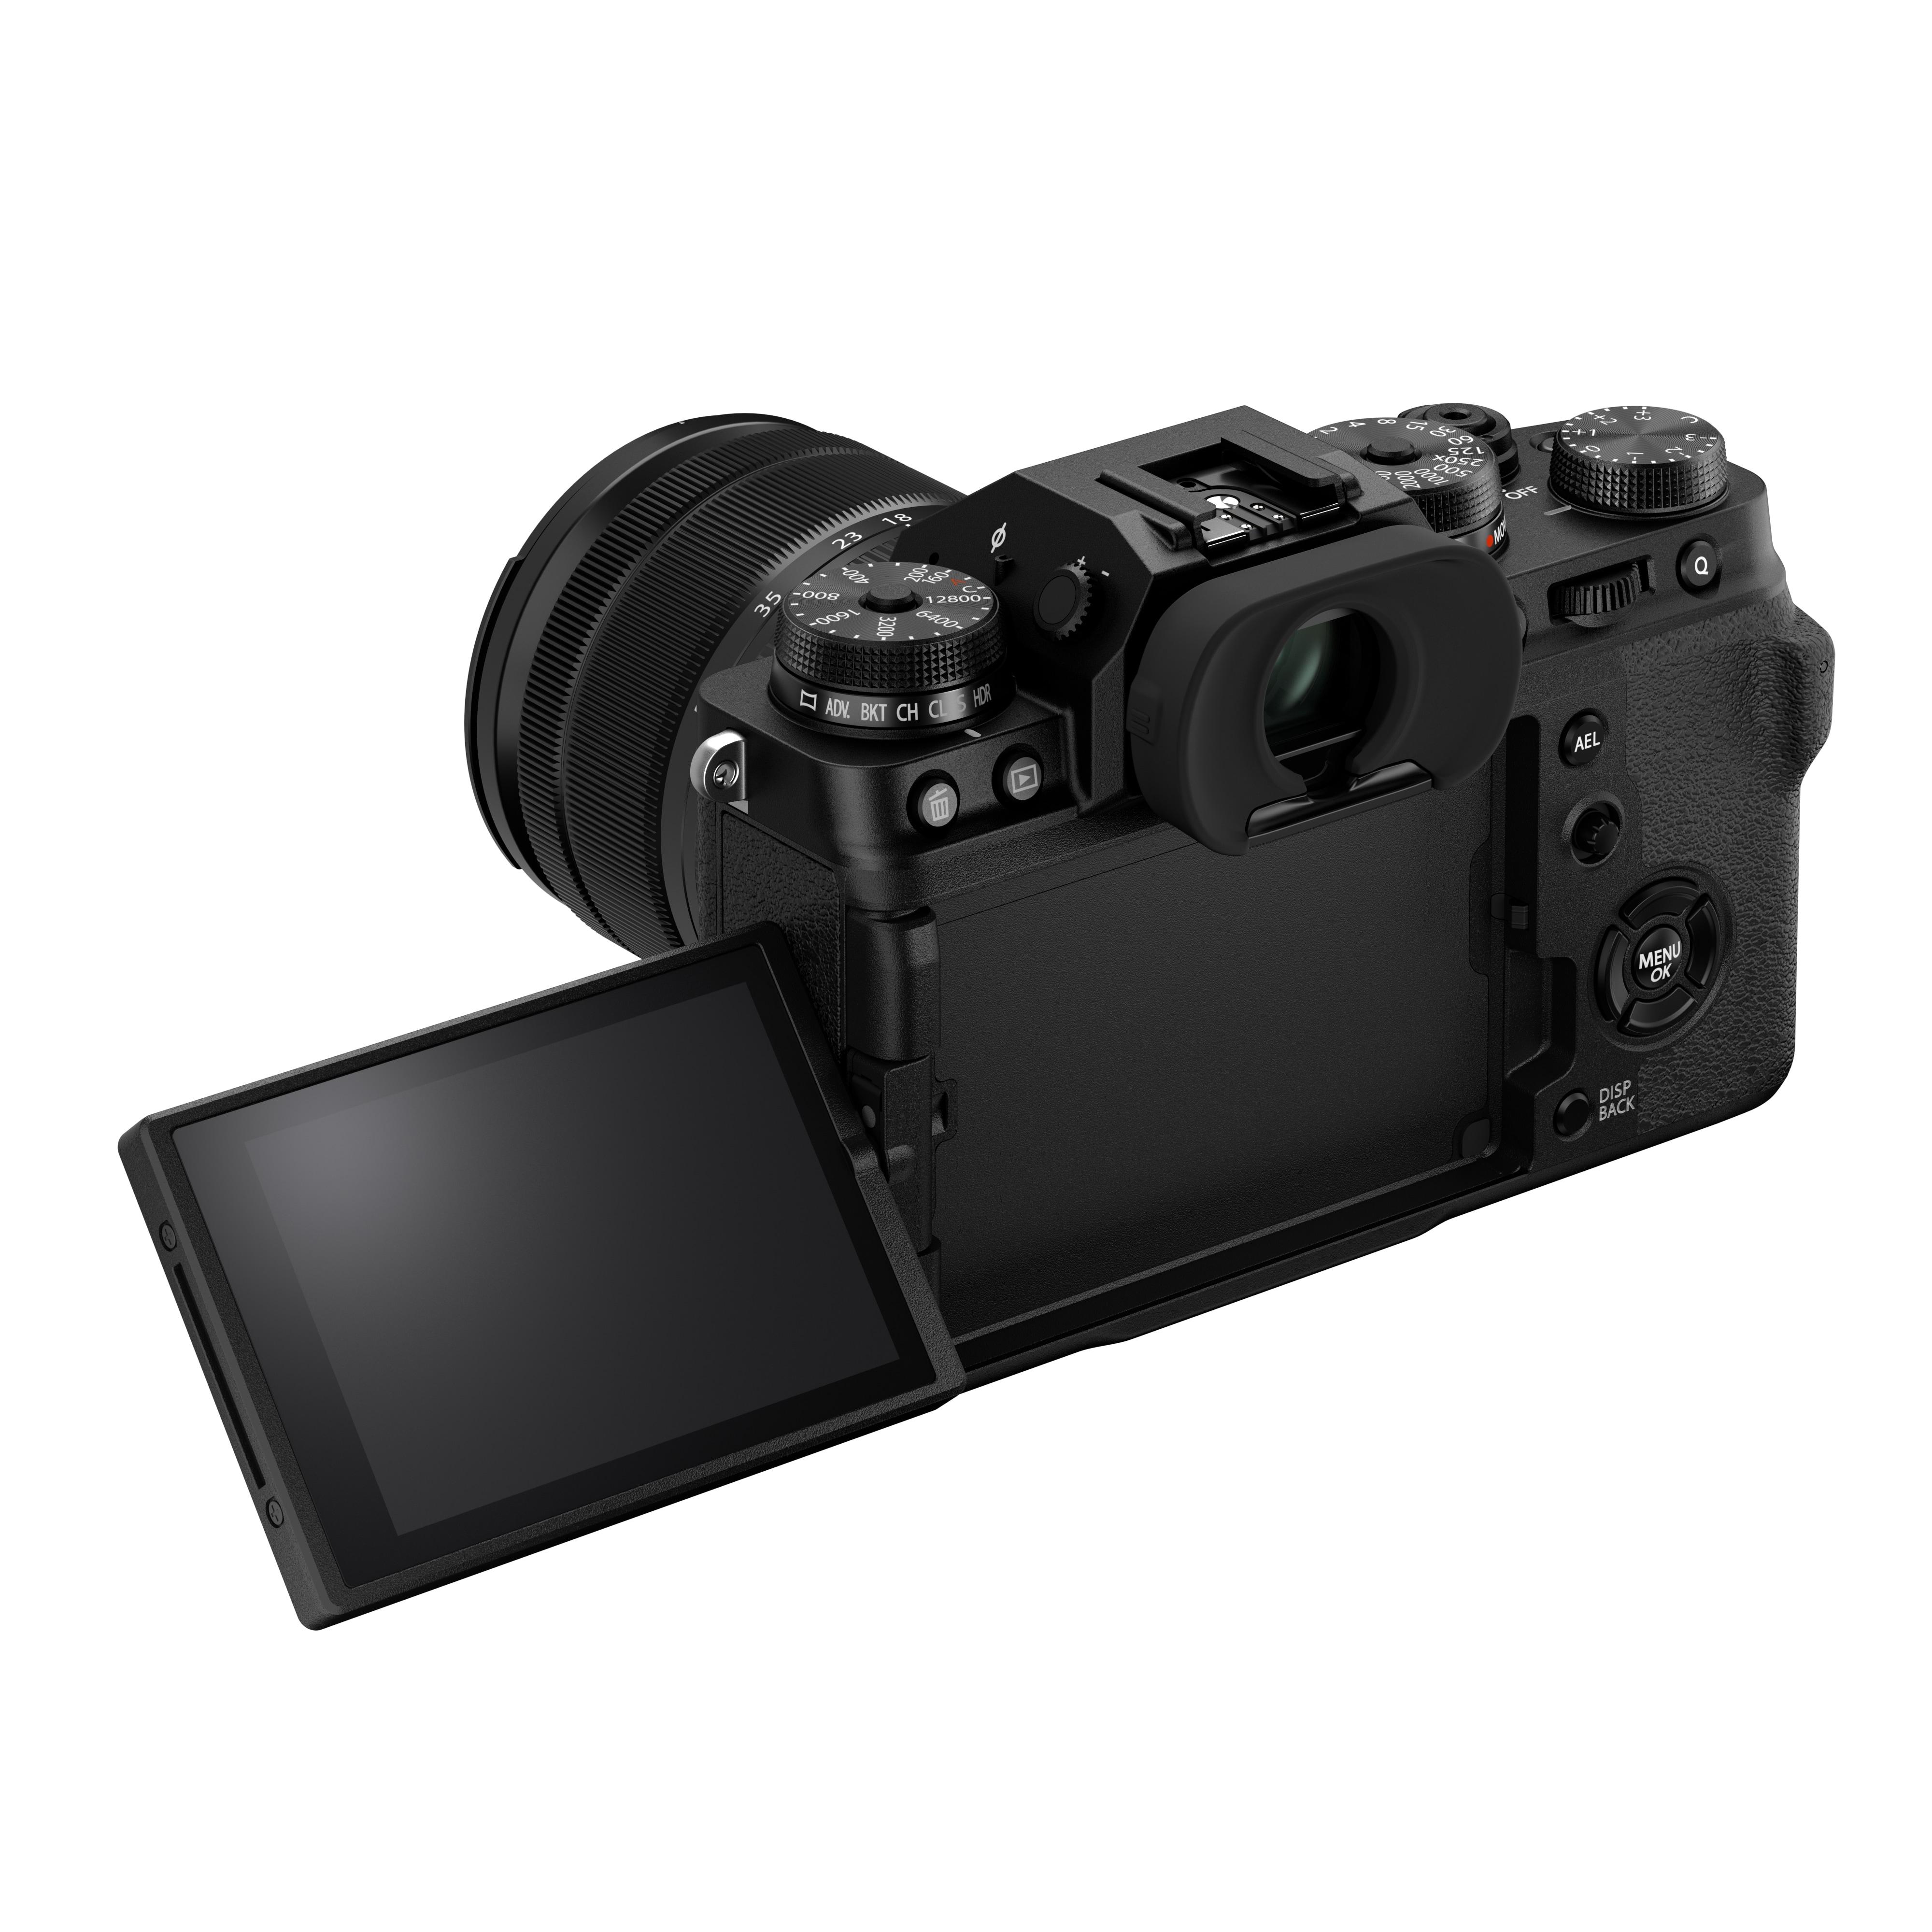 Fujifilm X-T4 + 18-55mm f/2.8-4 R LM OIS Svart